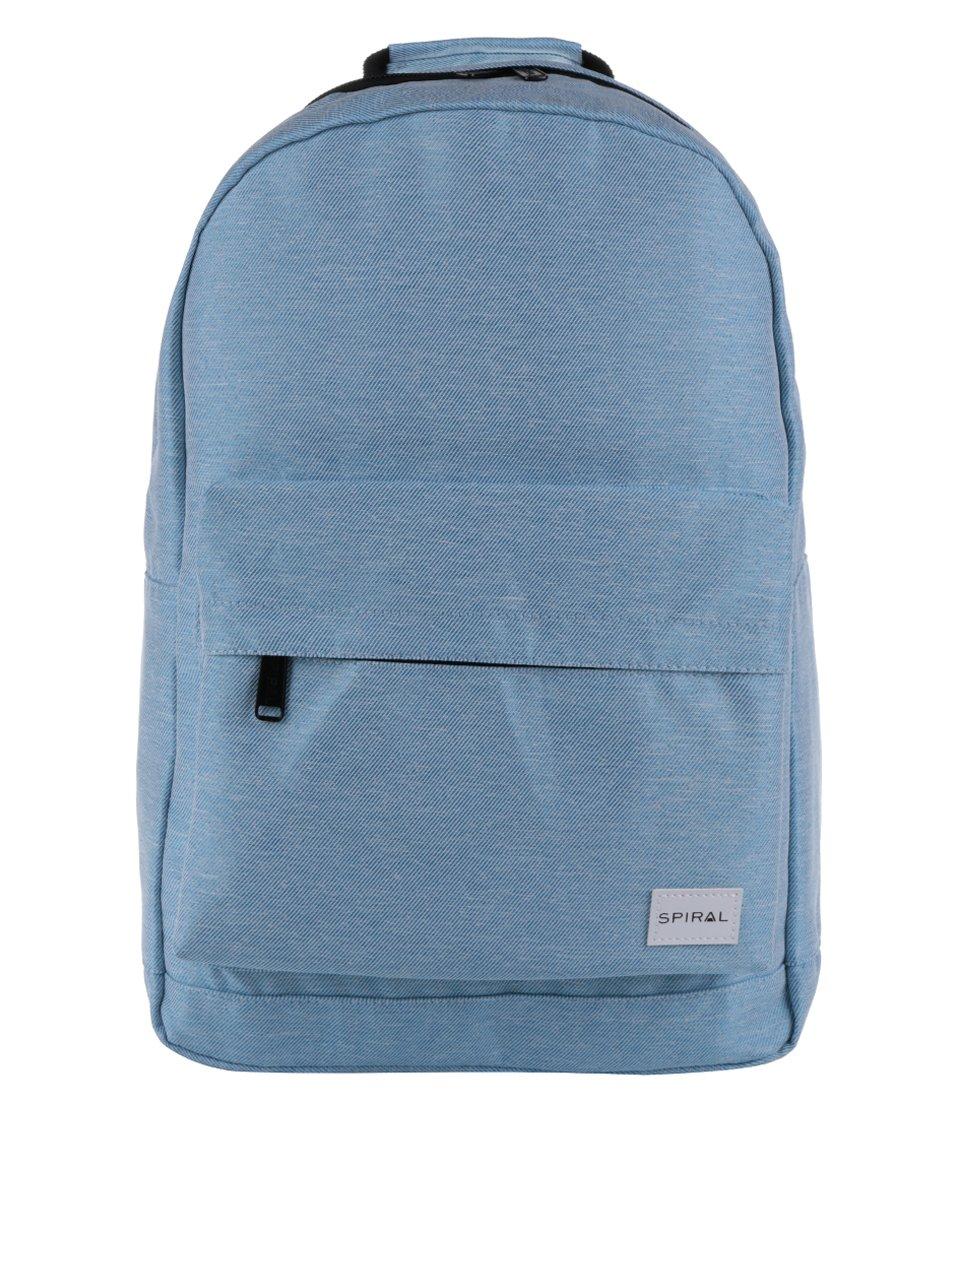 Světle modrý unisex batoh Spiral 18 l